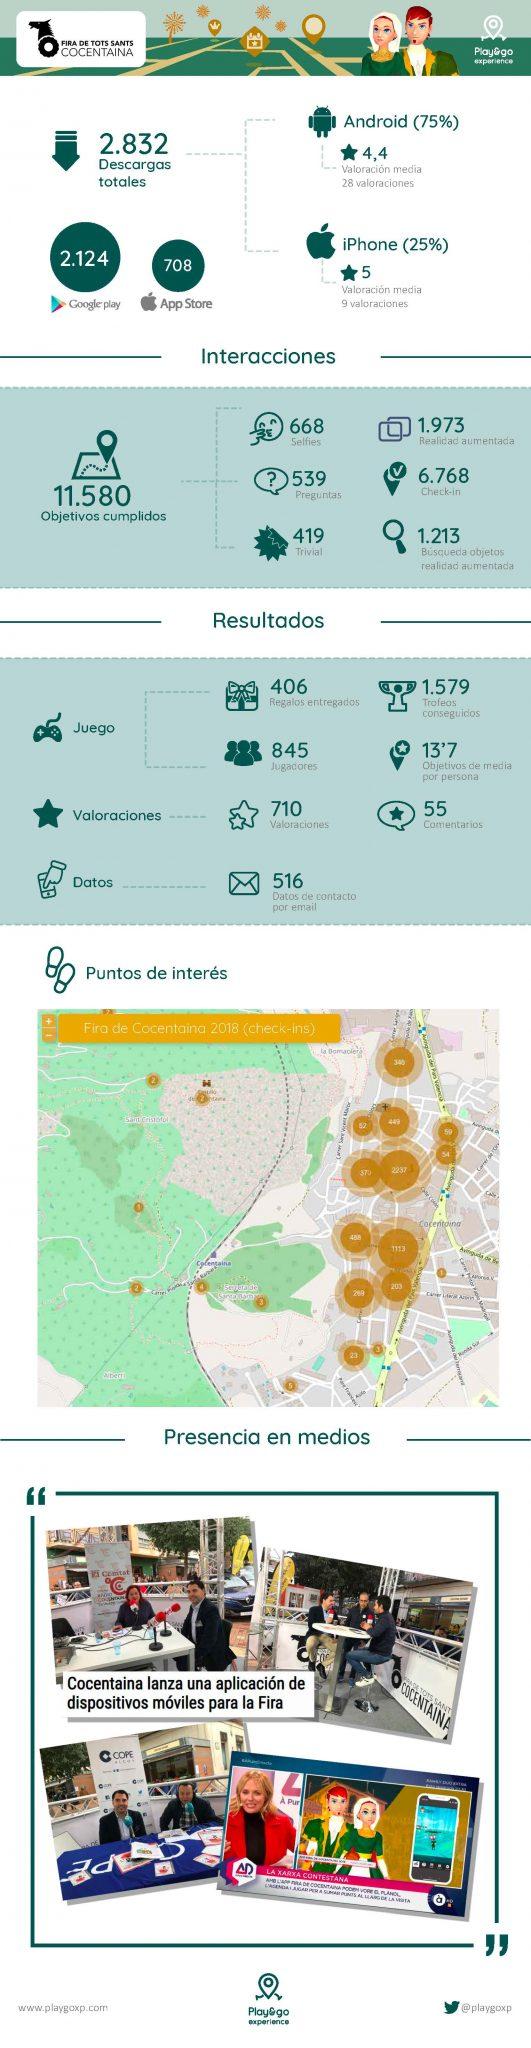 10 ventajas de usar una app en una fiesta de interés turístico: resultados de la Fira de Cocentaina